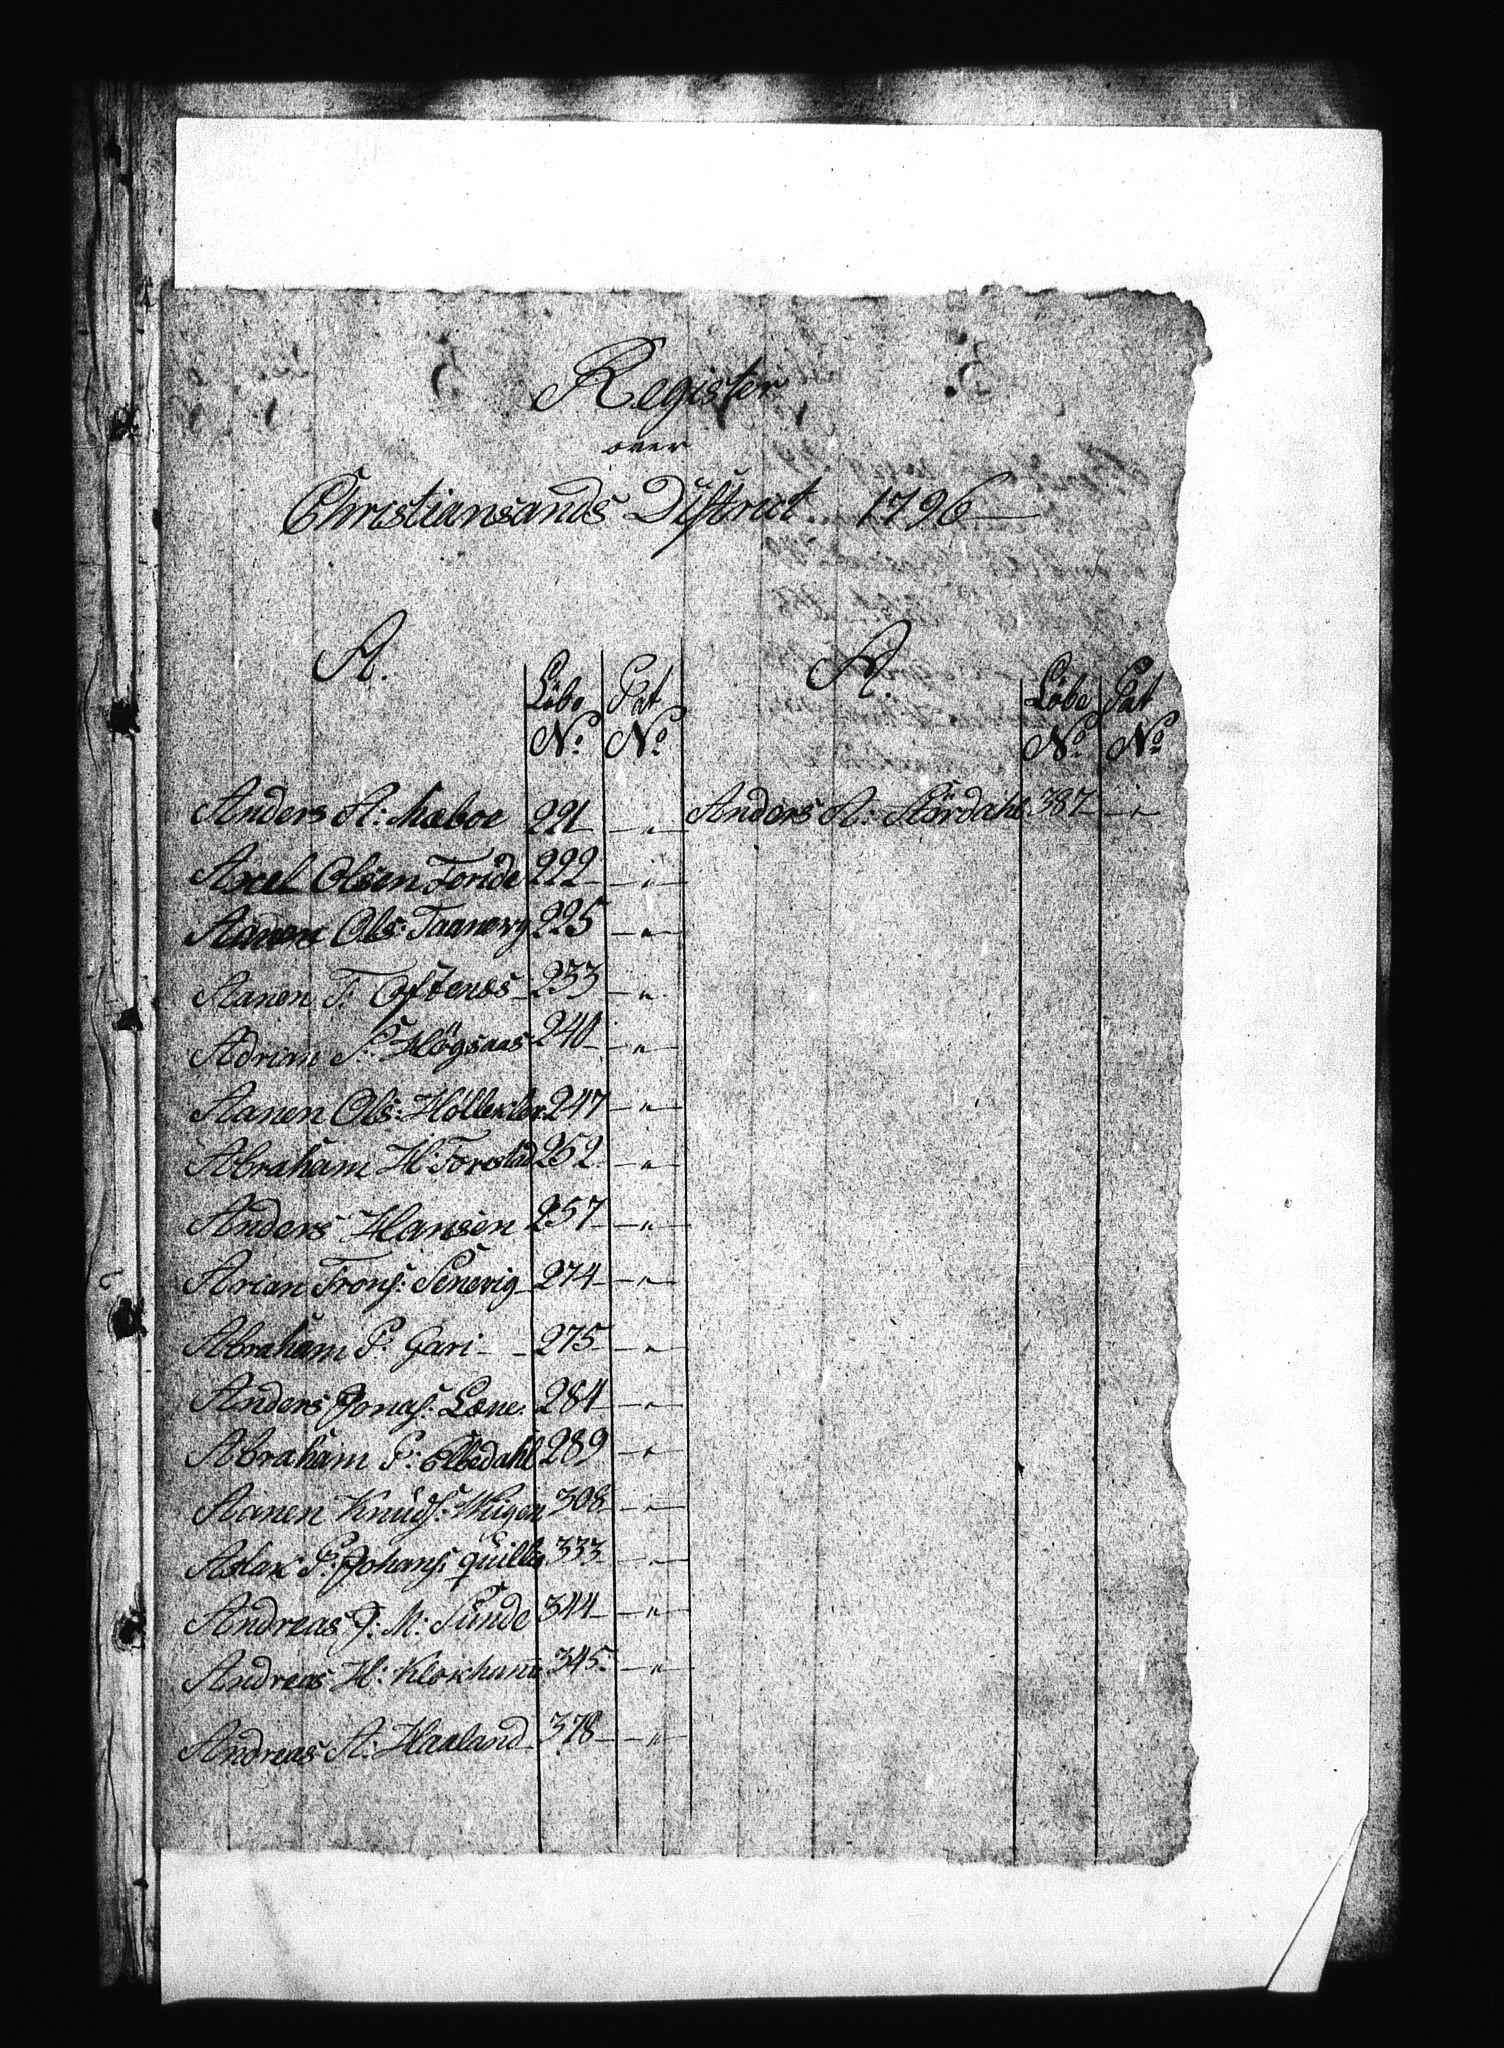 RA, Sjøetaten, F/L0027: Kristiansand distrikt, bind 2, 1796